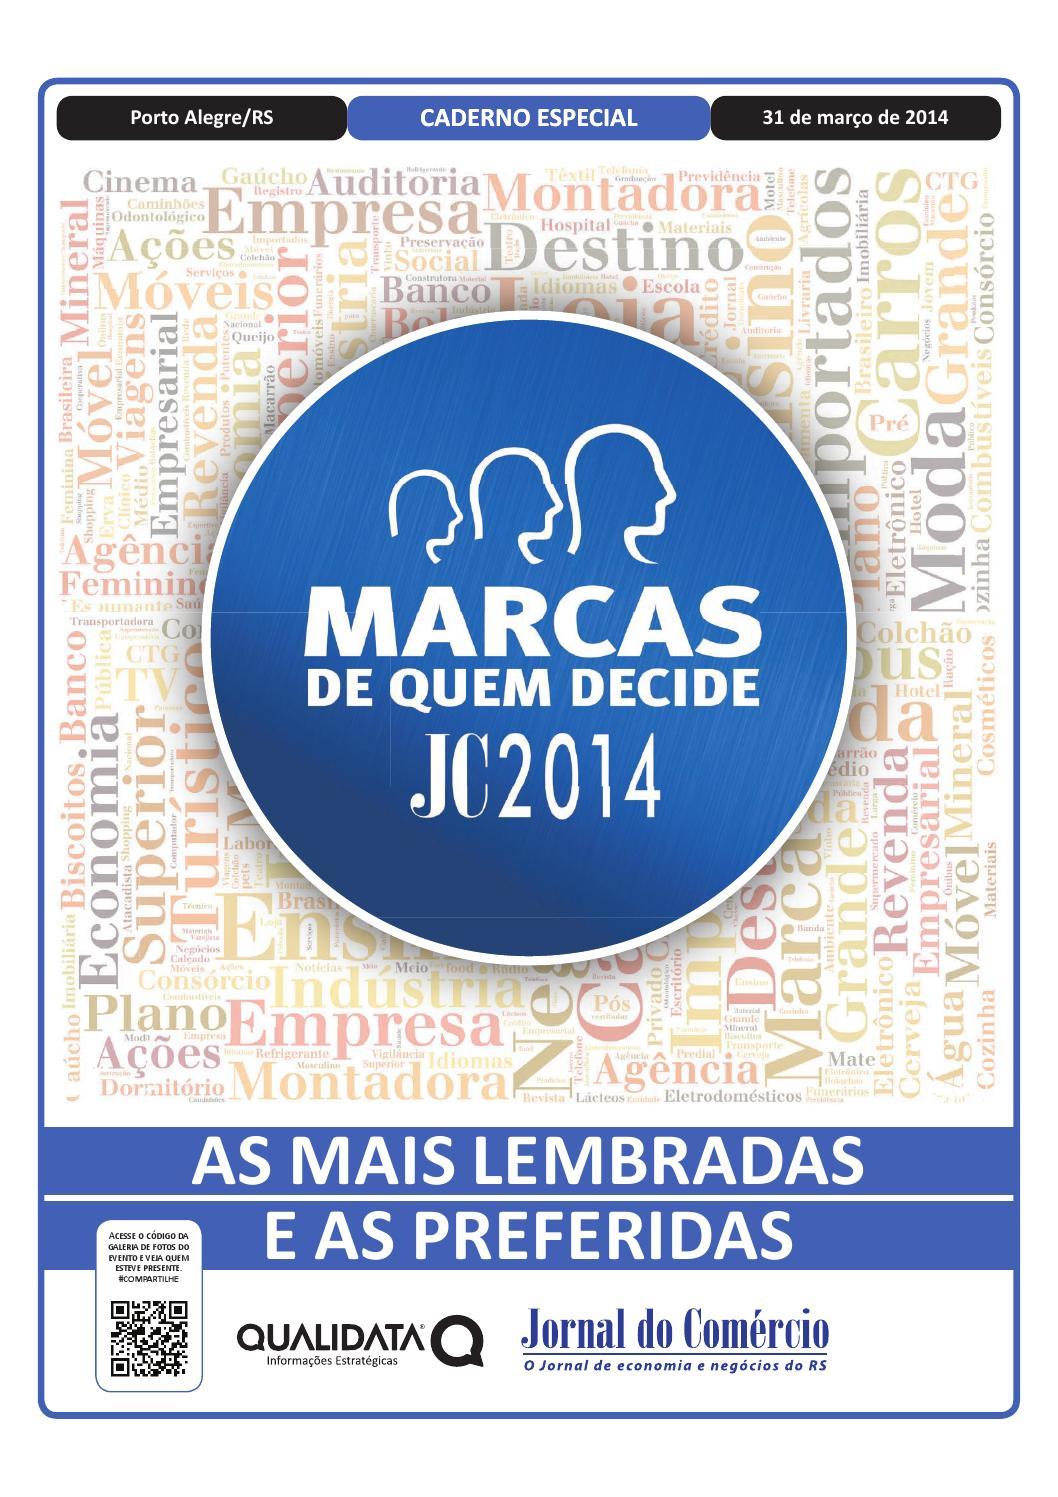 fcad554200 MDQD2014 by Jornal do Comércio O jornal de economia e negócios do RS - issuu